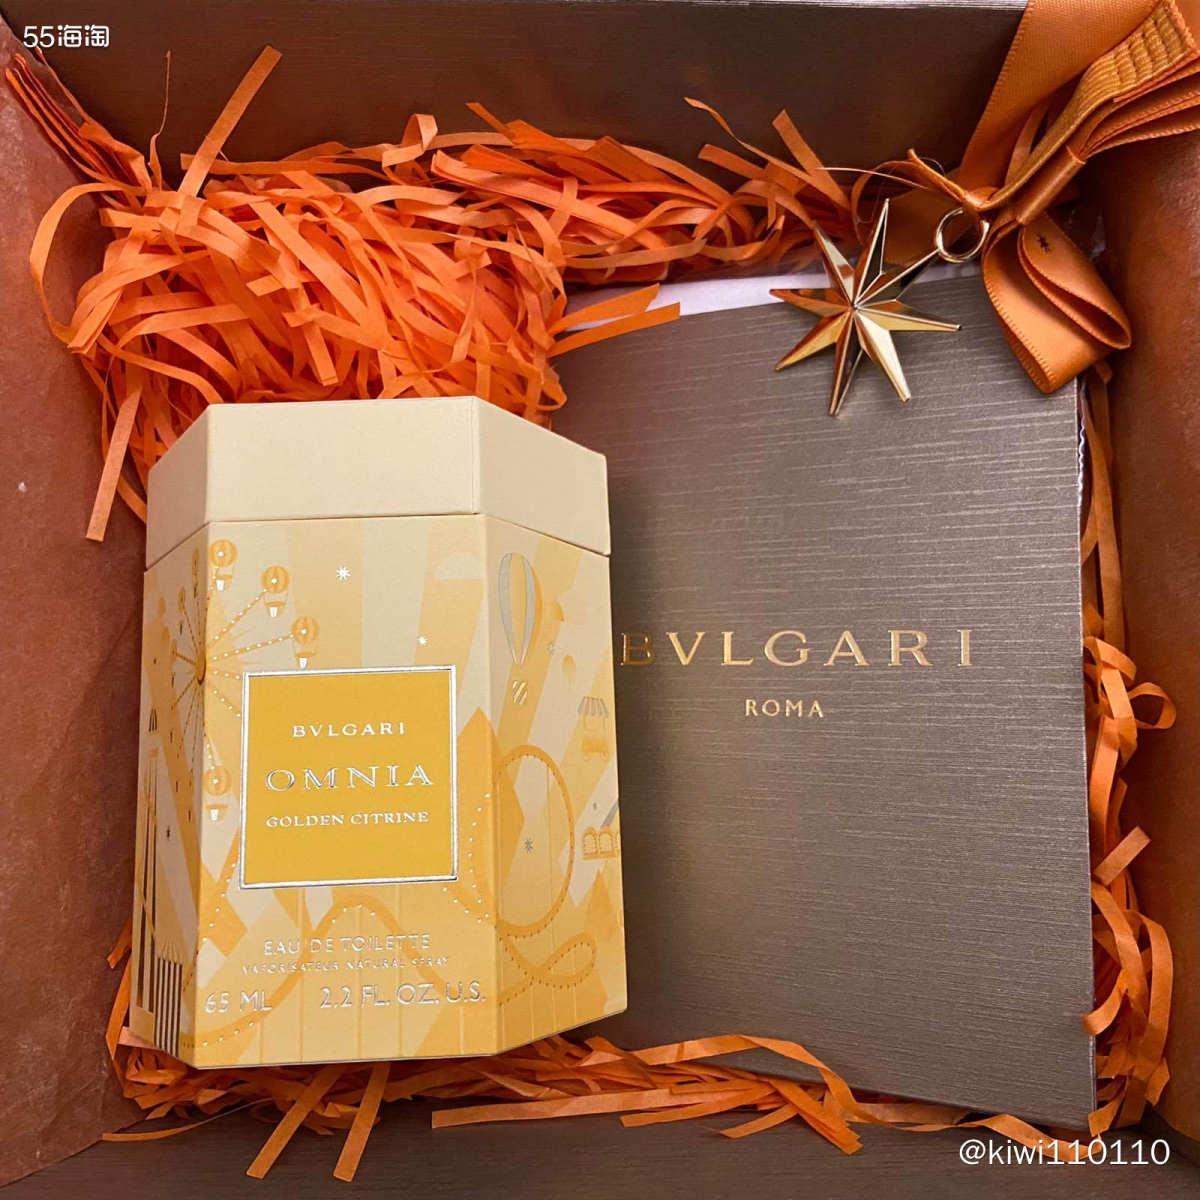 我的新年礼物🎁宝格丽晶耀限量新香,是阳光的味道!  谢谢男